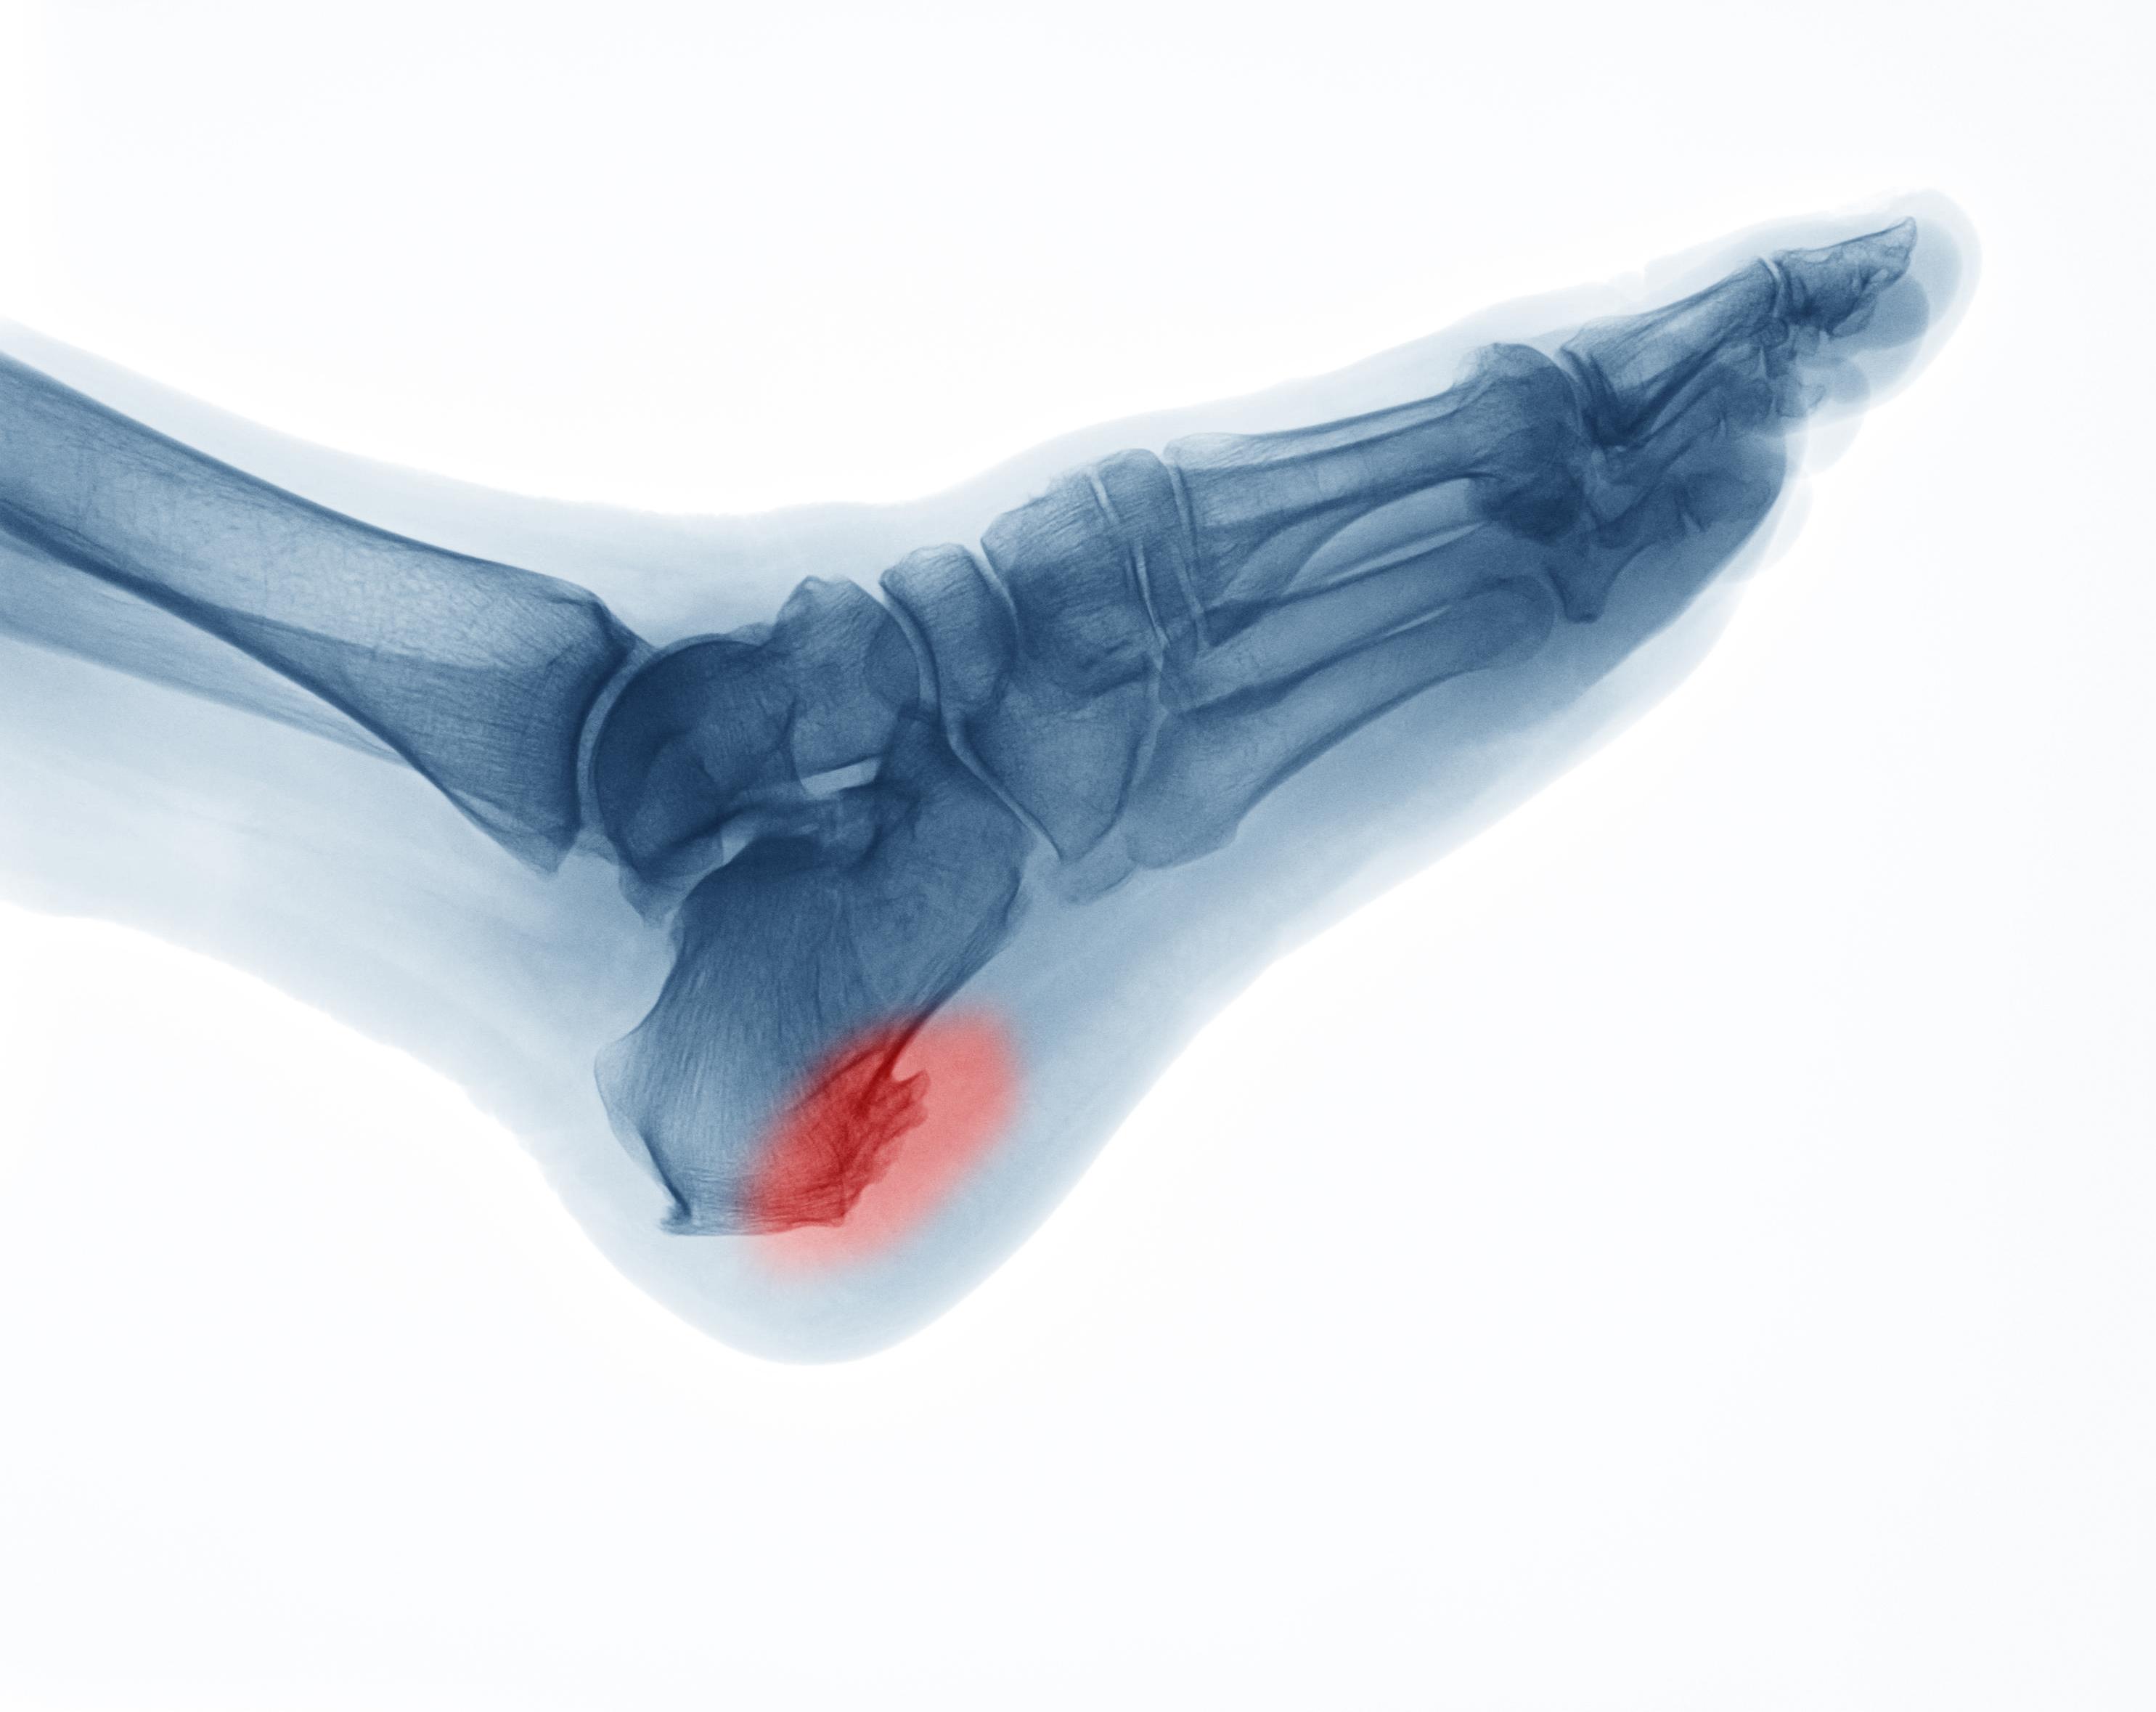 Vid hälsporre kan det bildas en påbyggnad av benet på undersidan av hälen som ser ut som en sporre på röntgen, därför kallas det för hälsporre.